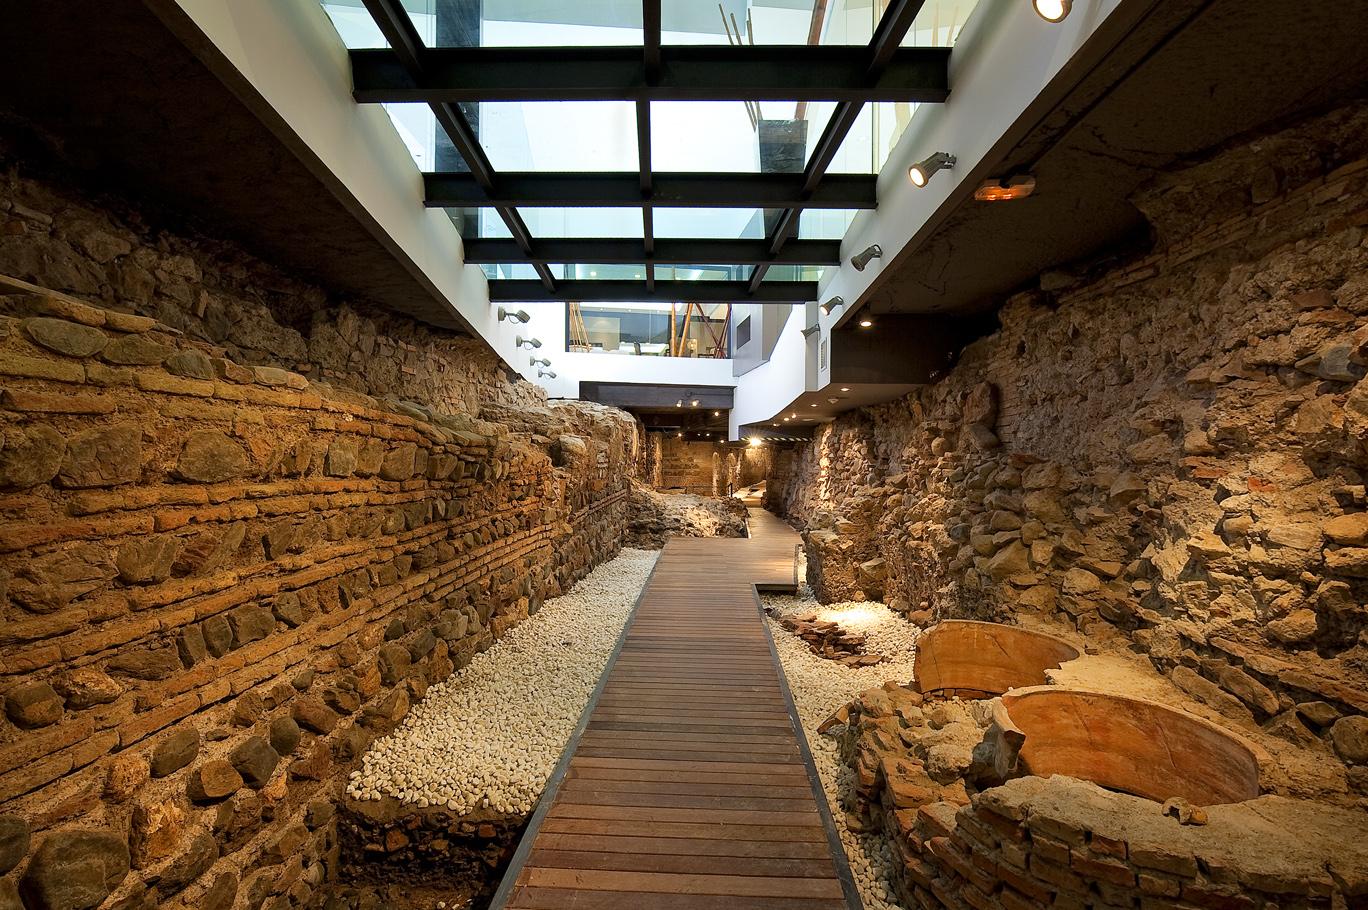 muralla árabe - vincci posada - málaga